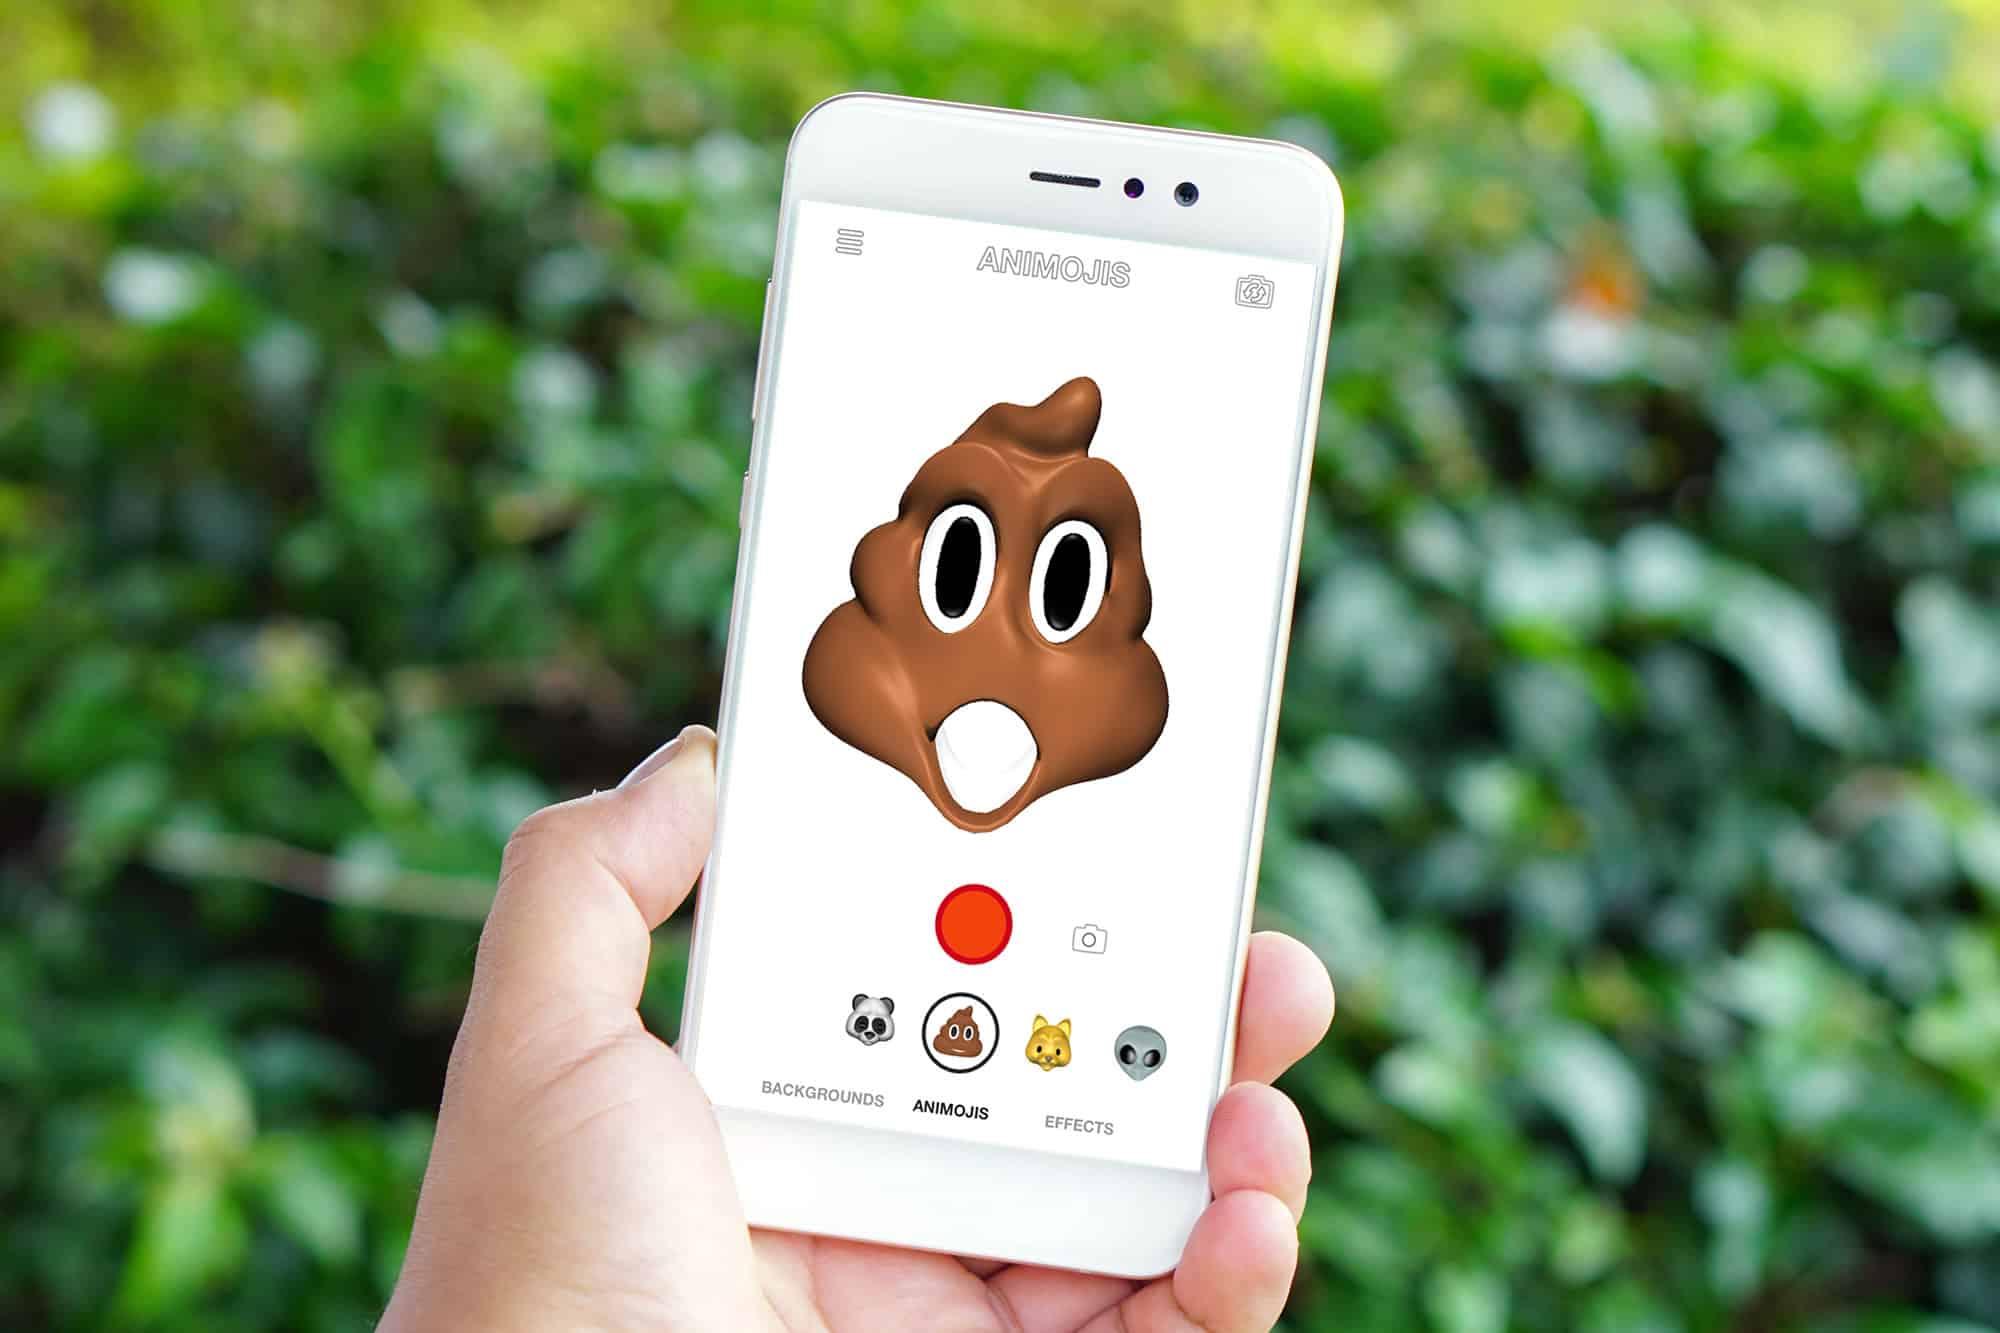 Esta es la App para Android que copia los 'Animoji' del iPhone X